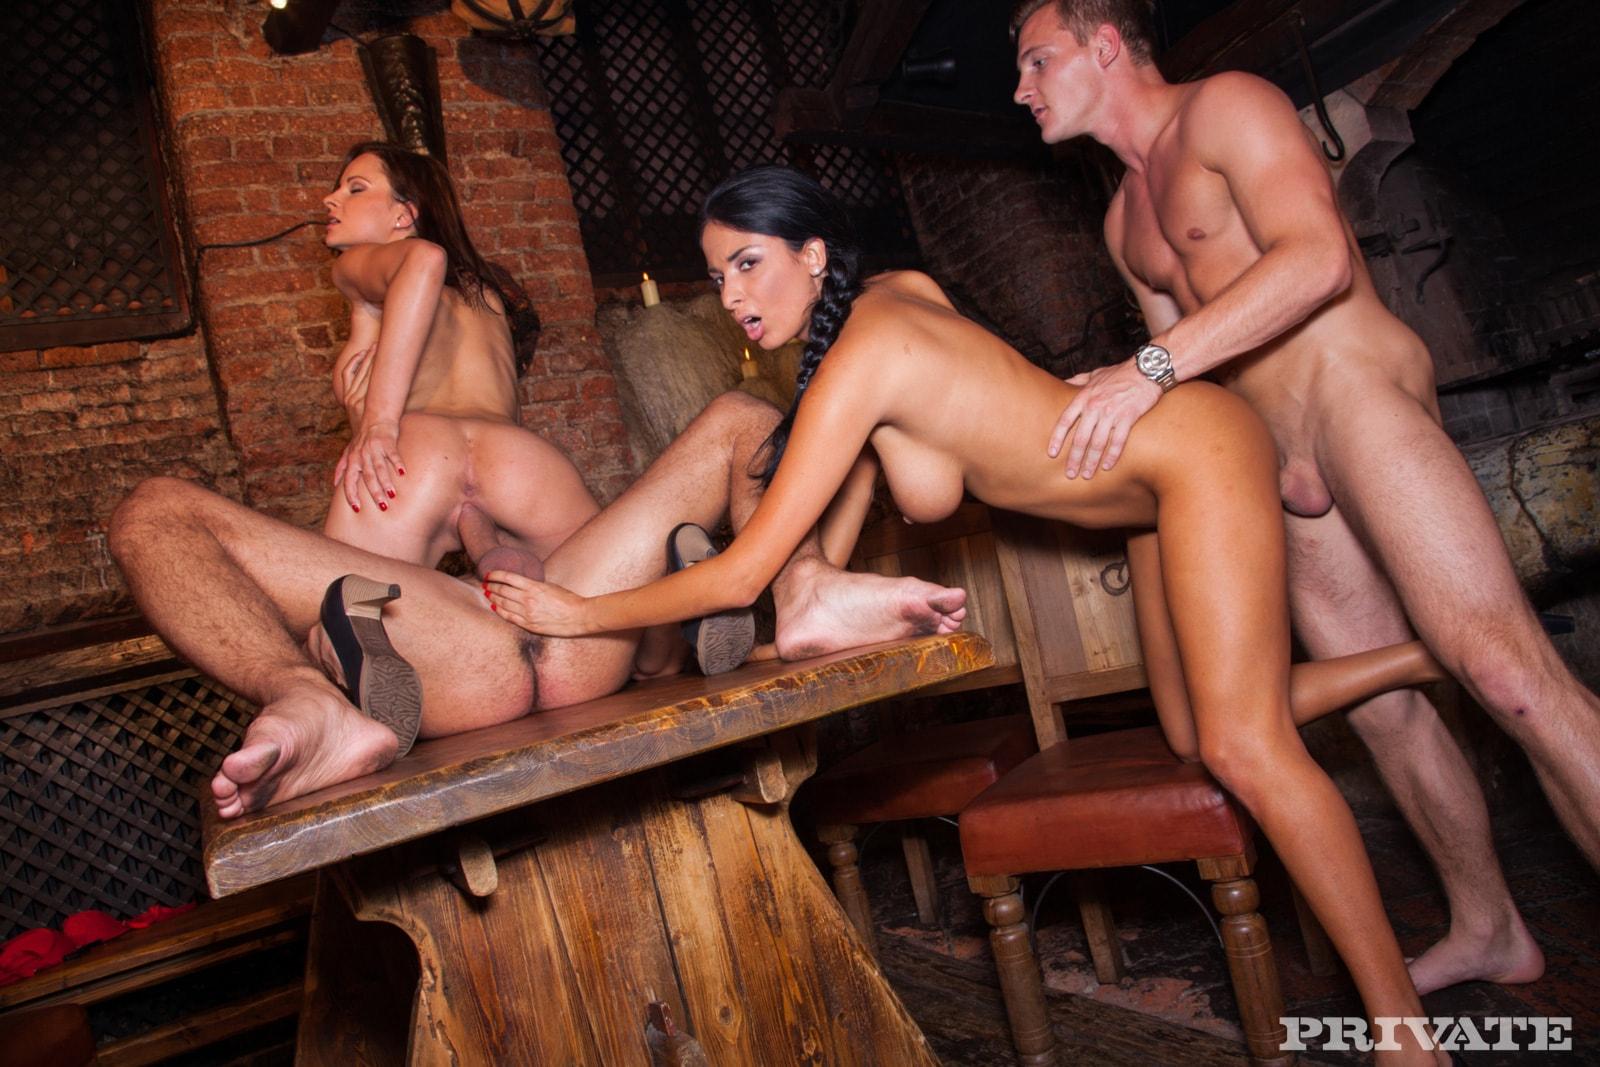 Порно групповуха в кафе, порно видео с барыгами